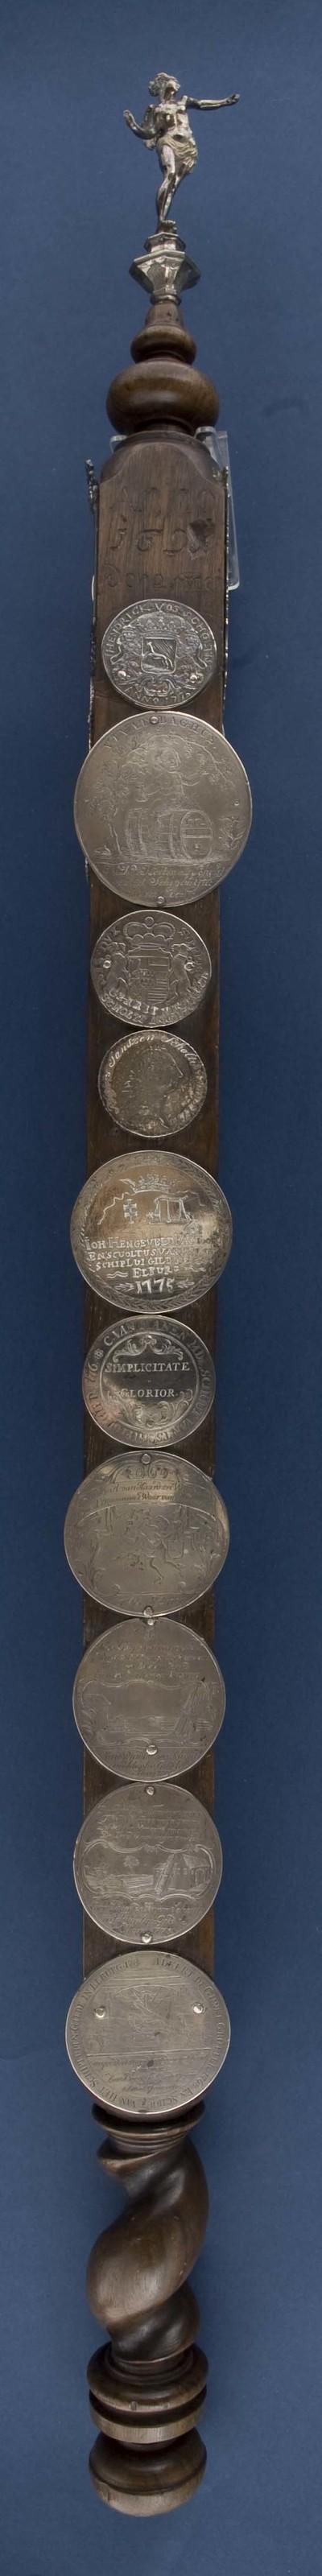 Scepter van notenhout met beeldje van zilver voorstellende de godin Fama, de staf is deels beslagen met zilveren penningen en plaquettes, het hout aan het uiteinde van de staf is gedraaid, voorzien van ingesneden jaartal 25 mei 1697 of 1691, de godin Fama is toegevoegd in 1749